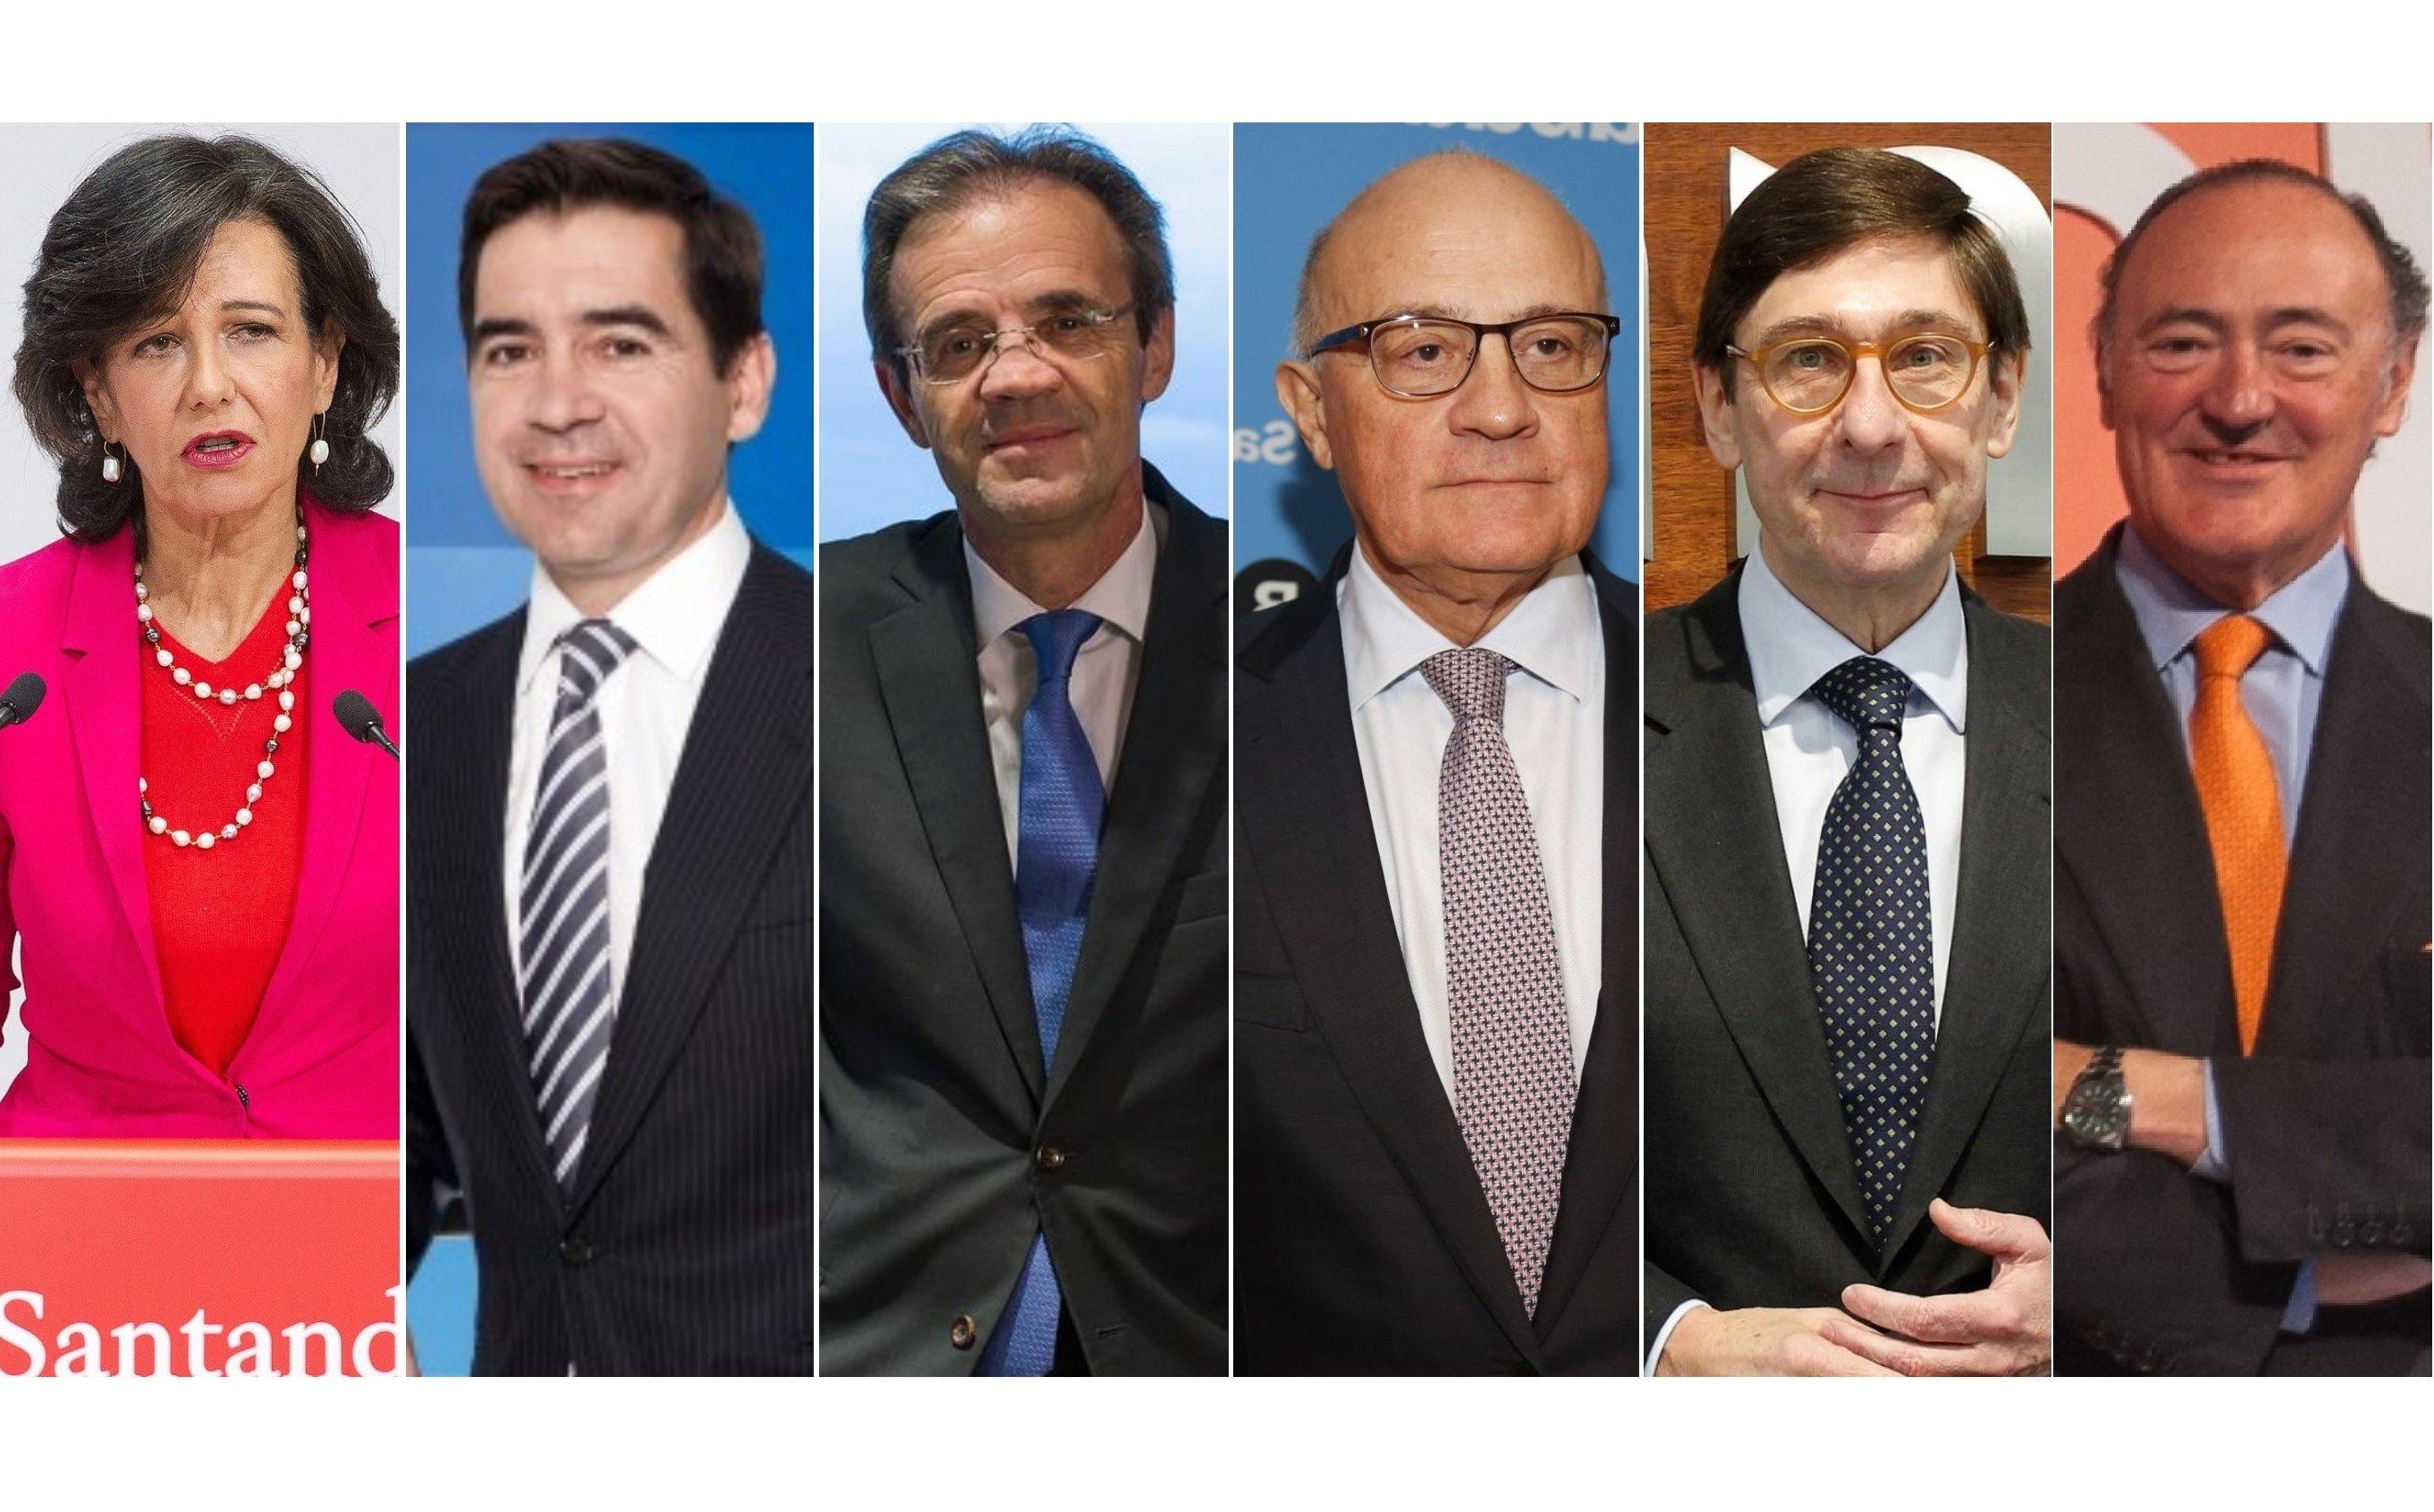 Ana Botín (Santander), Carlos Torres (BBVA), Jordi Gual (Caixabank), Josep Oliu (Sabadell), José Ignacio Goirigolzarri (Bankia), y Pedro Guerrero (Bankinter)